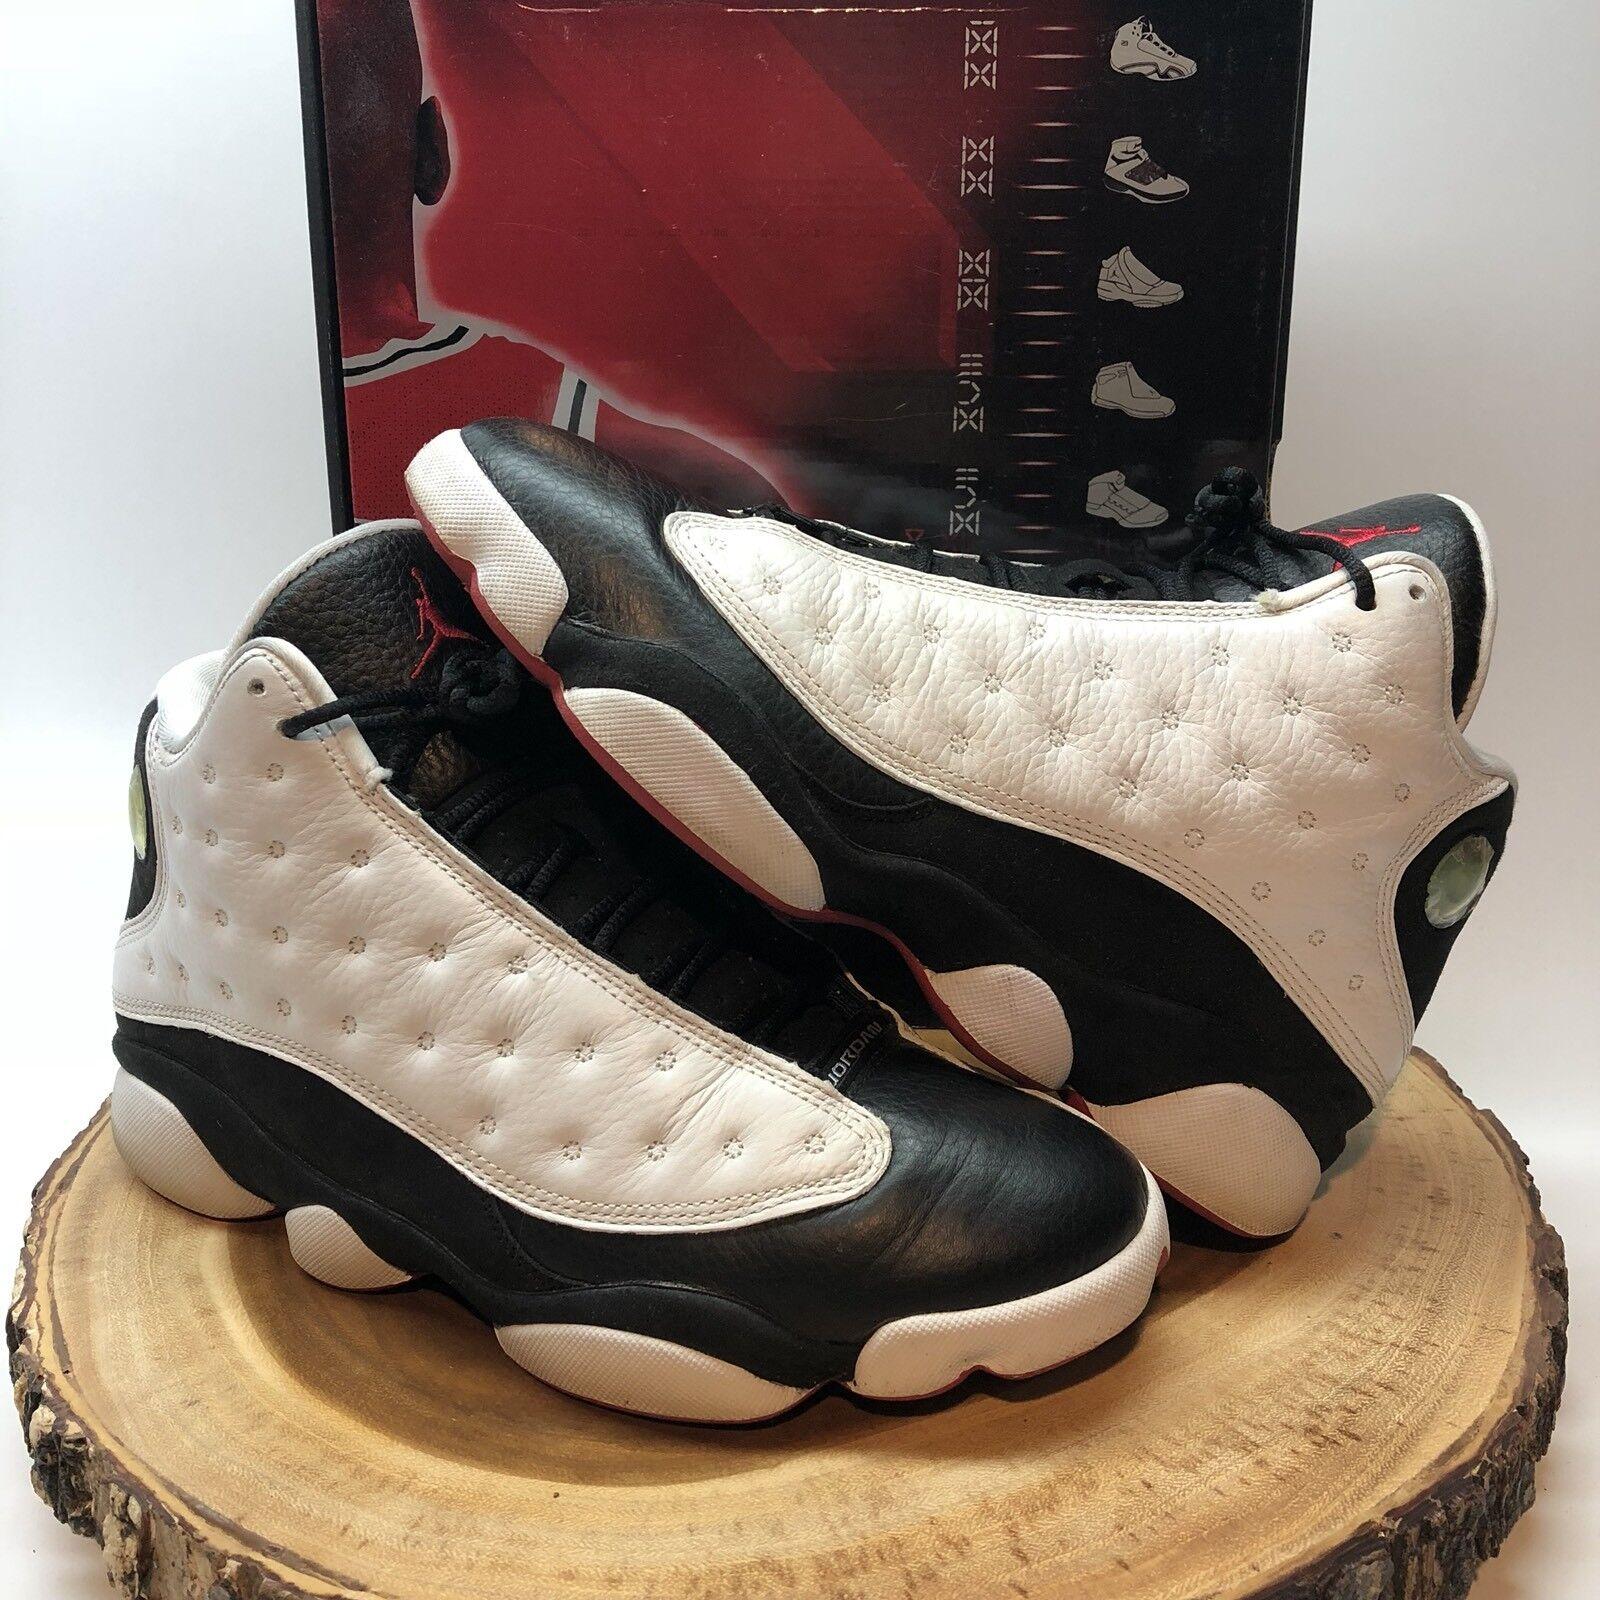 outlet store 0c509 6dd19 Nike Air XIII Jordan Retro XIII Air tiene juego CDP negro blanco rojo  comodo precio de temporada corta, beneficios de descuentos 53e80f